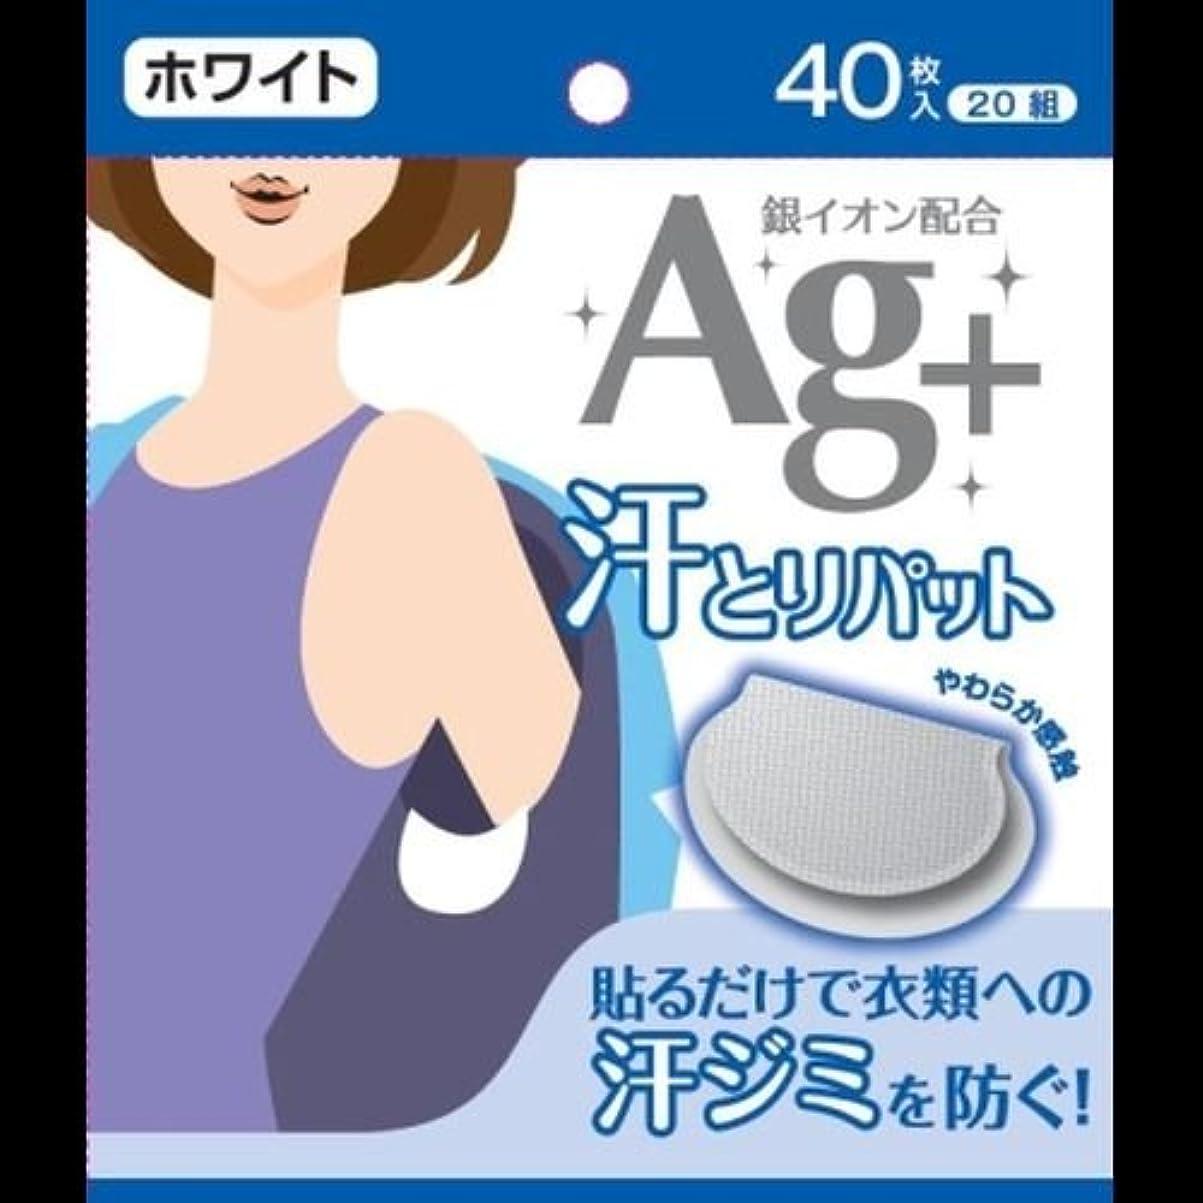 叫び声アンティーク反発Ag+汗とりパット ホワイト 40枚入(20組) ×2セット